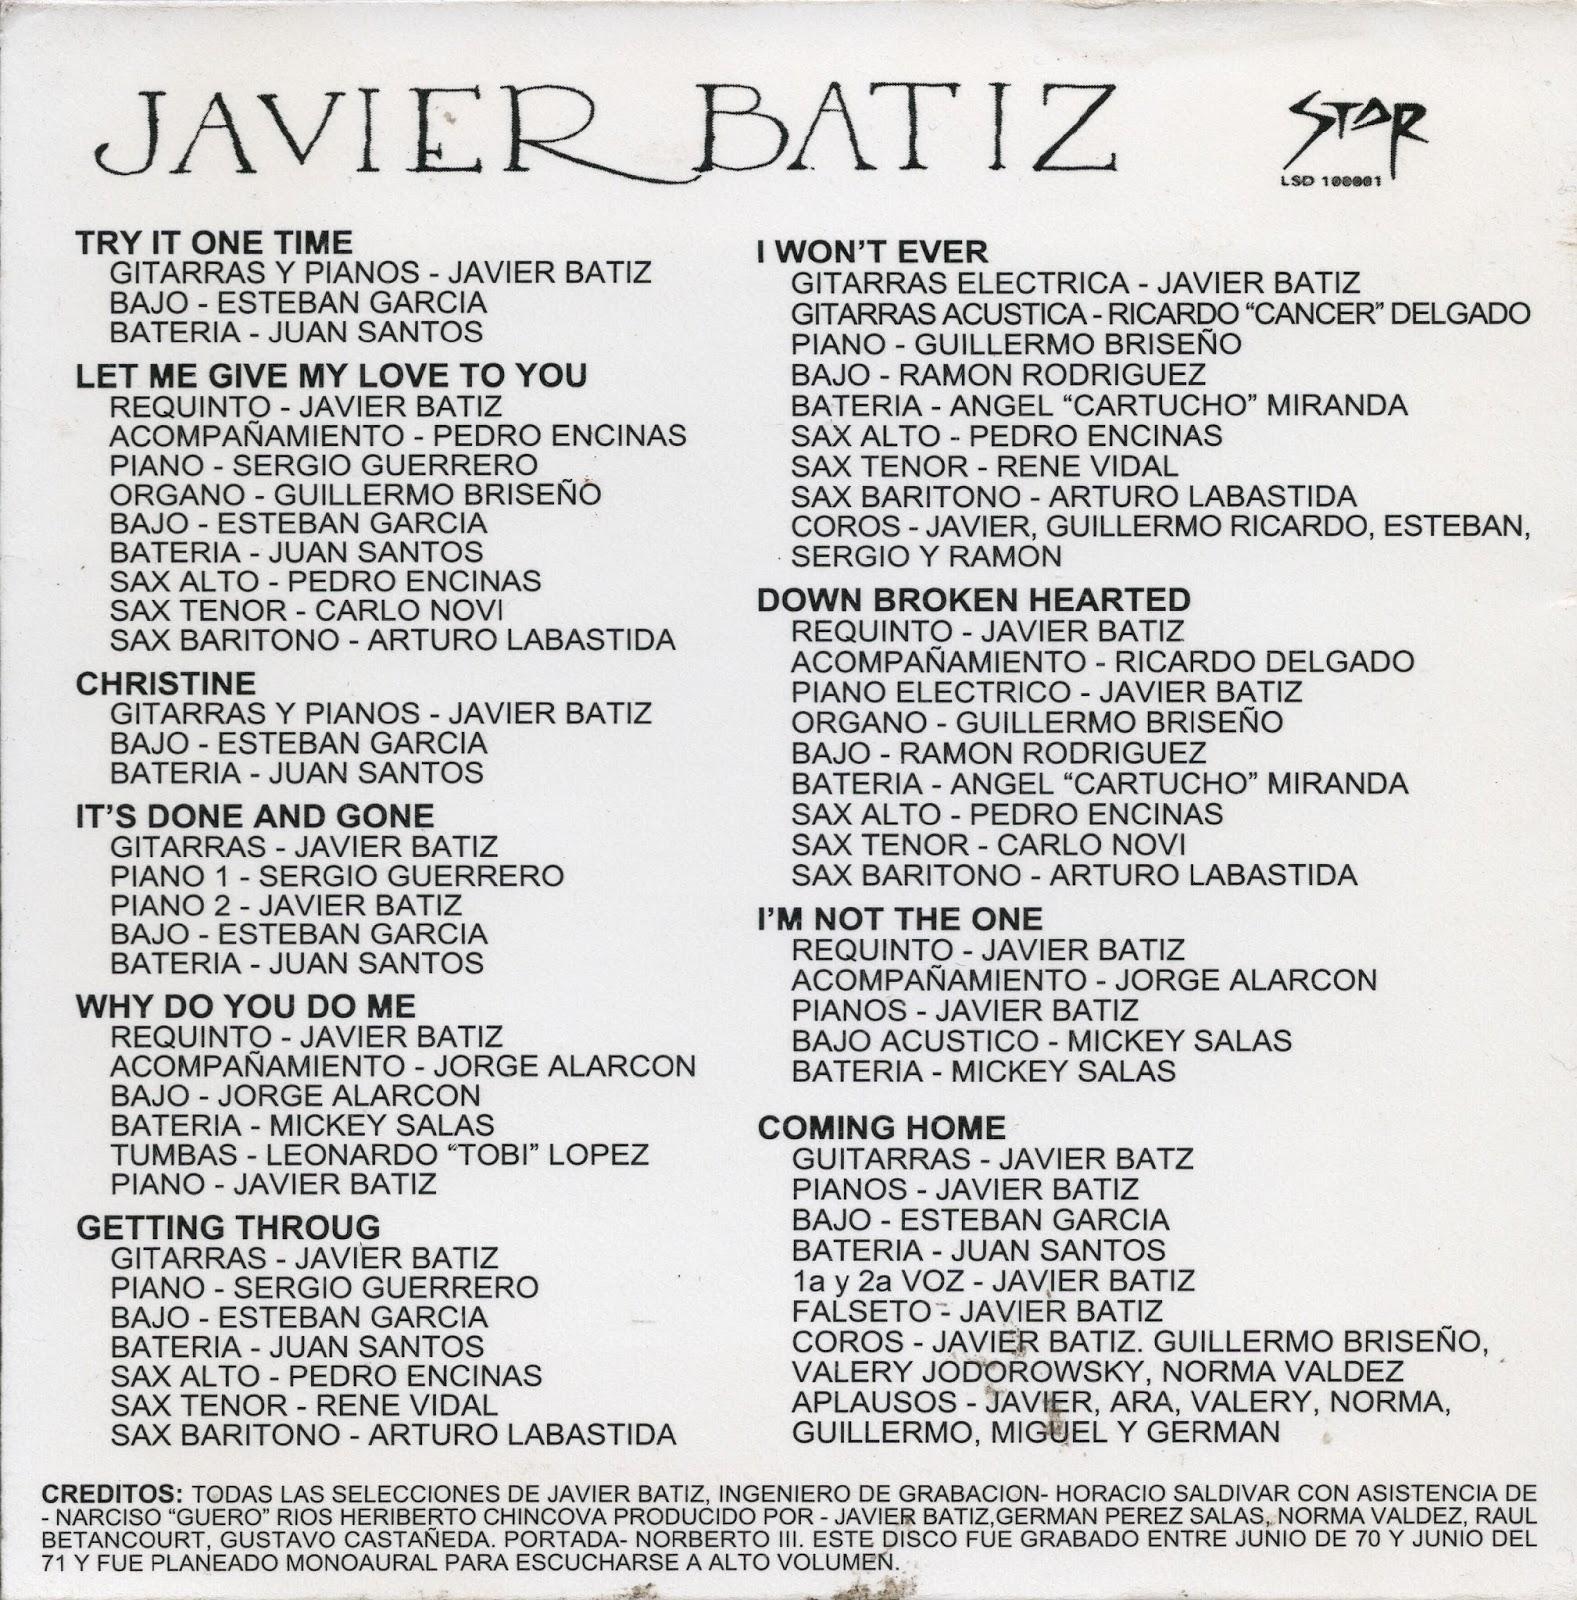 discografia de javier batiz